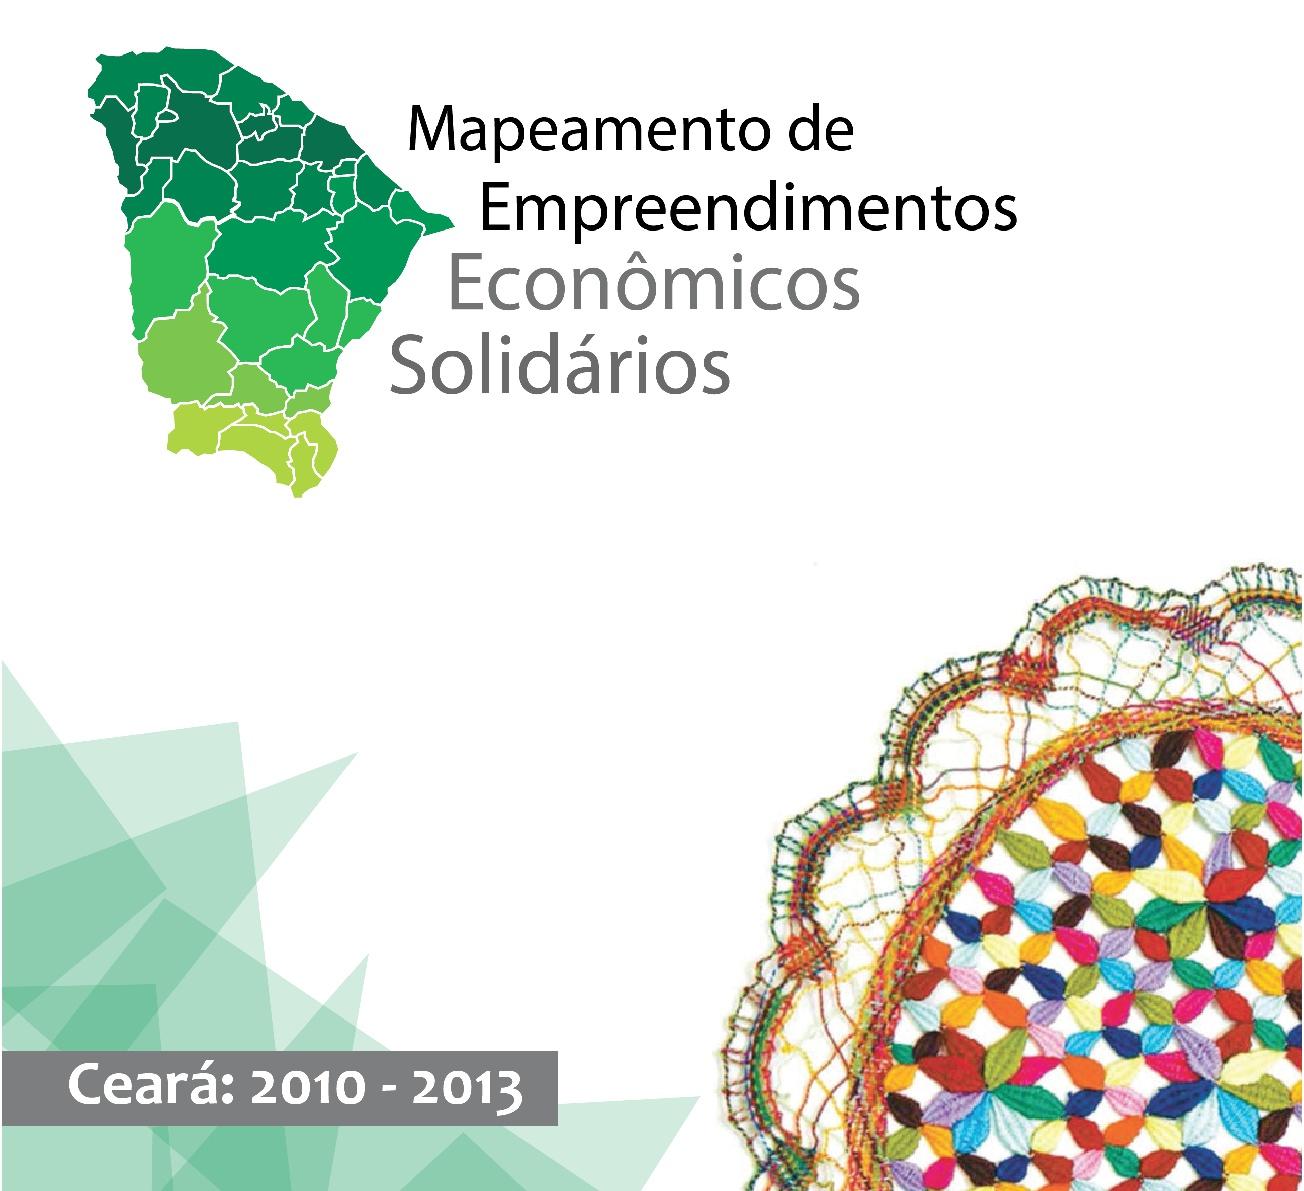 Mapeamento de Empreendimentos Econômicos Solidários thumbnail